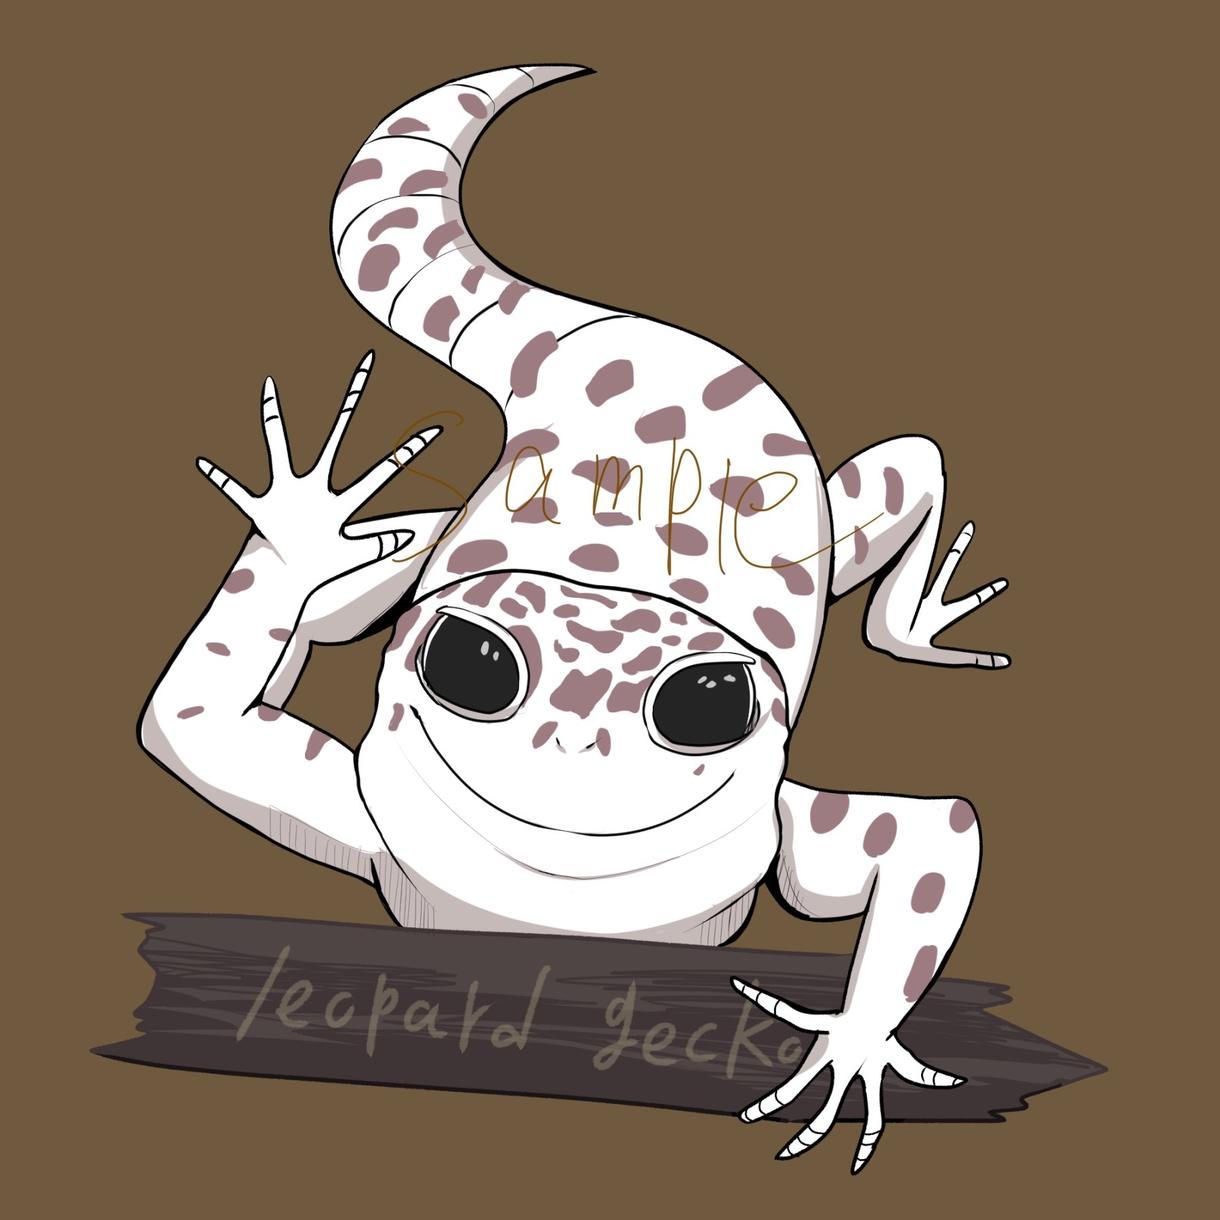 グッズやアイコンに!ペットや動物のイラスト描きます アニメ絵風の動物イラストお描きします!